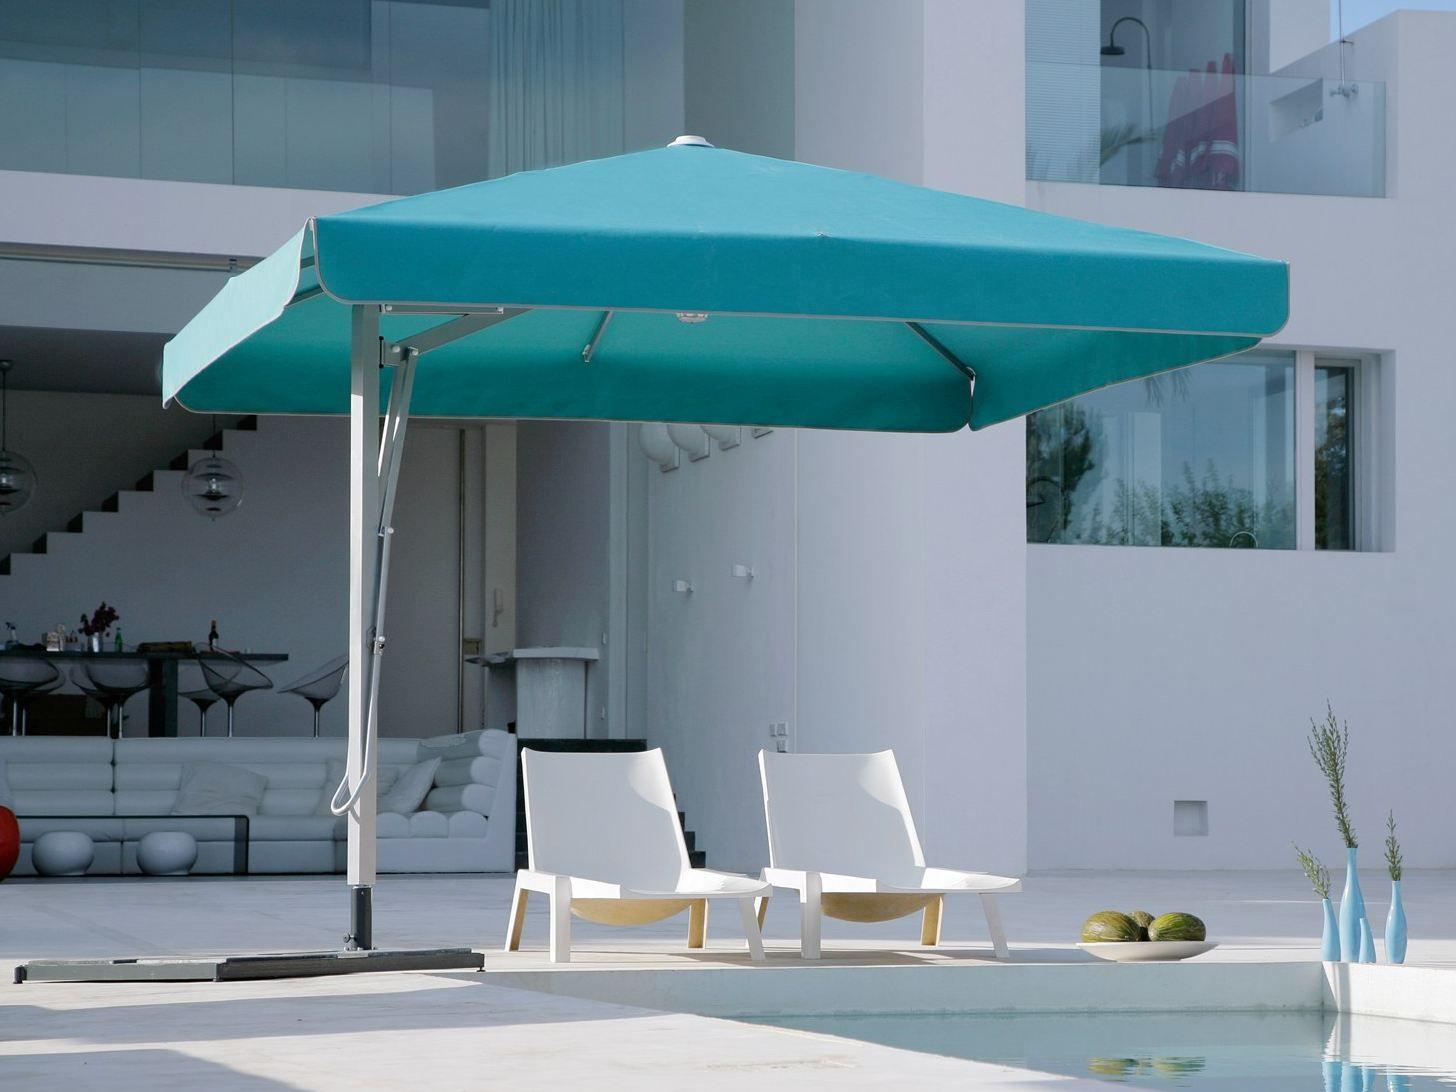 BELVEDERE Ombrellone quadrato Michael Caravita 120634 rel61e09056 belvedere round garden umbrella by caravita  at bayanpartner.co